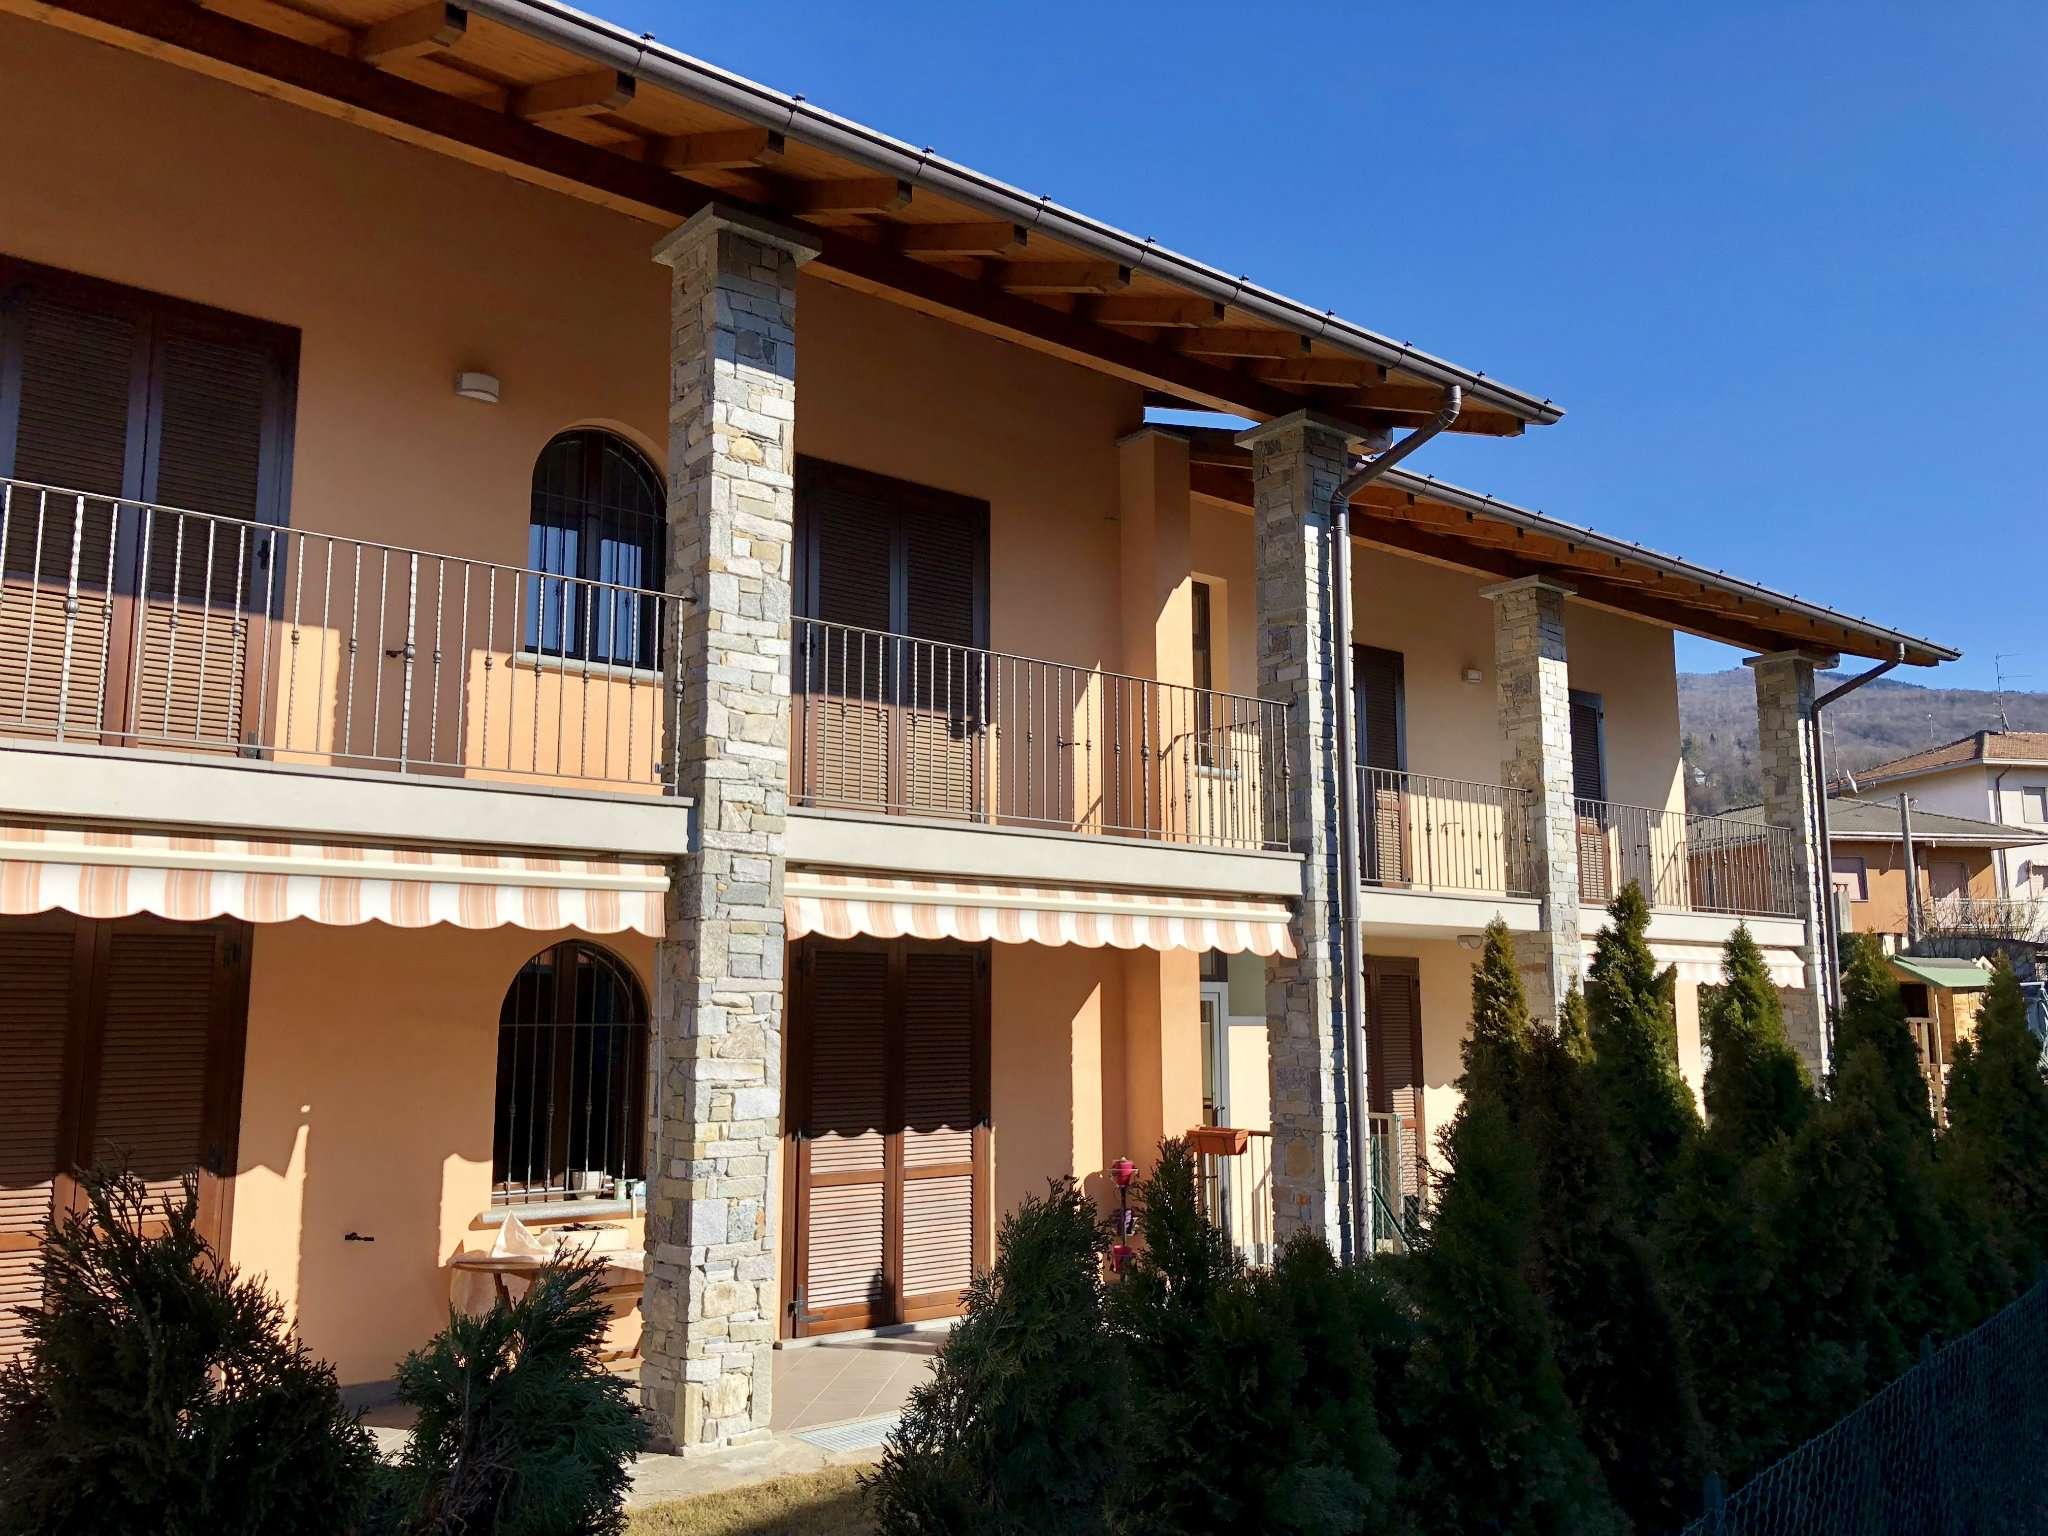 Appartamento in vendita a Cocquio-Trevisago, 3 locali, prezzo € 190.000 | CambioCasa.it